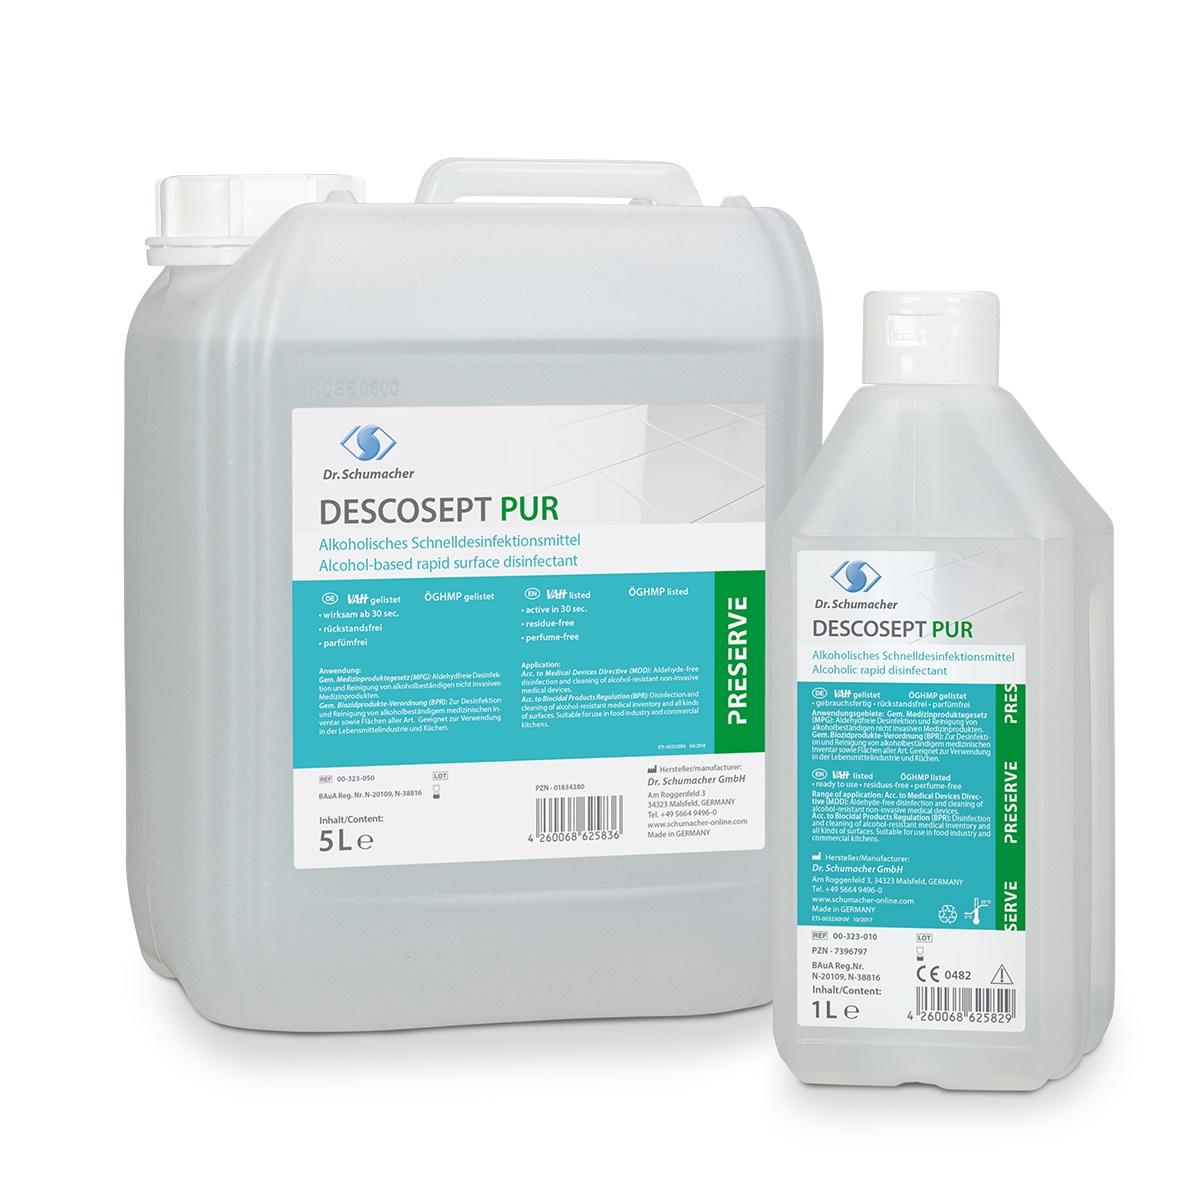 Descosept Pur | Schnelldesinfektionsmittel | 5 l